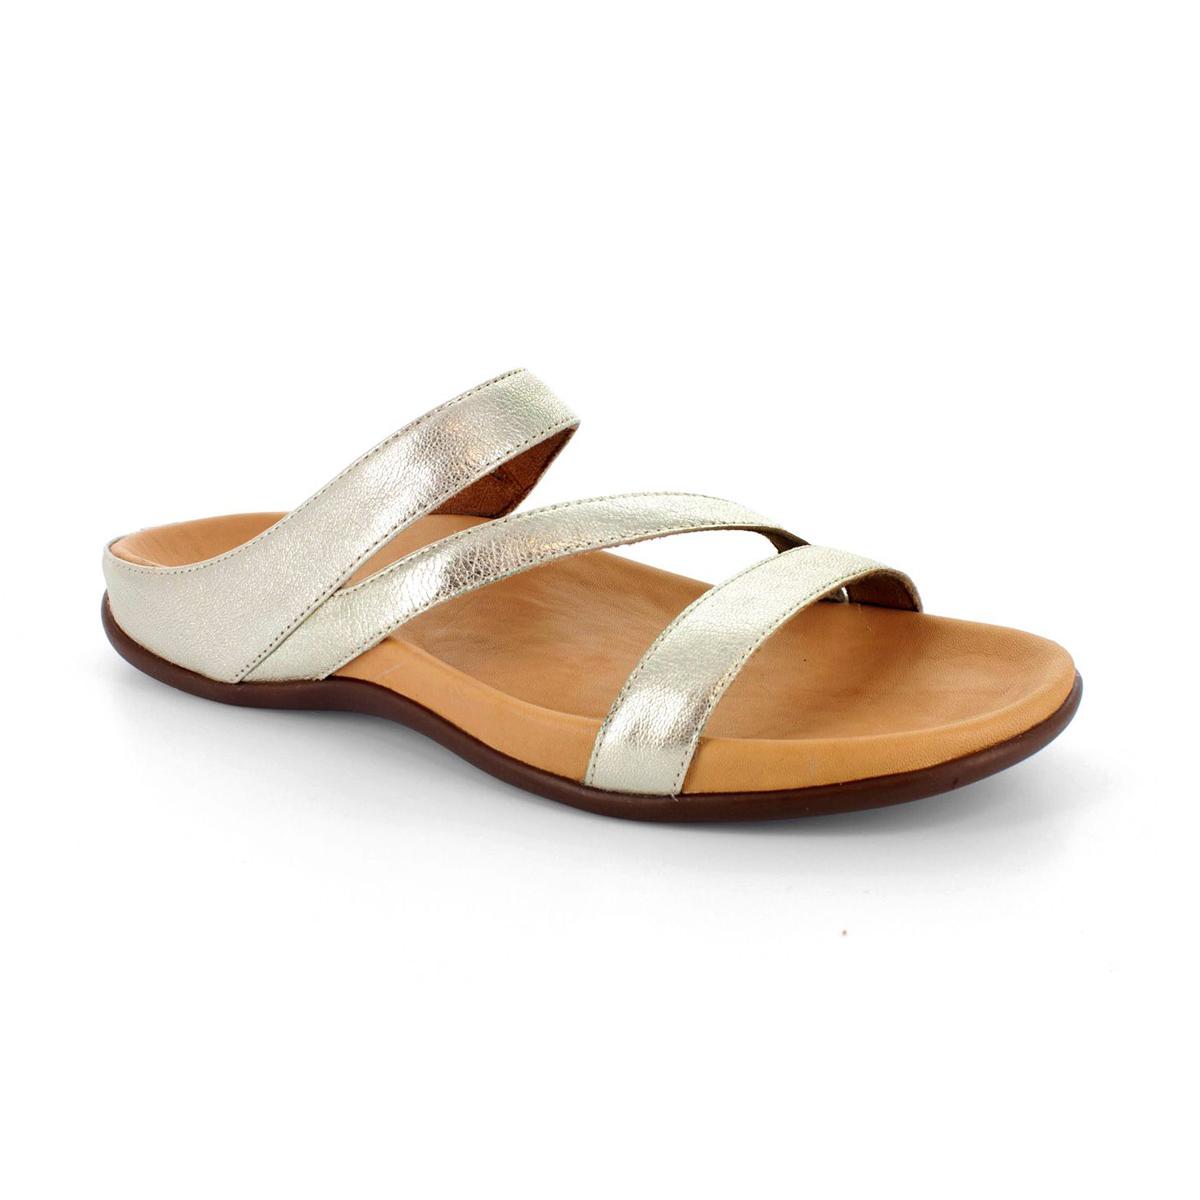 スニーカー感覚で歩き回れる「サンダル」|TRIO  /UK4(23-23.5cm) 独自開発の立体インソールで、スニーカーみたいに歩き回れる「サンダル」|strive